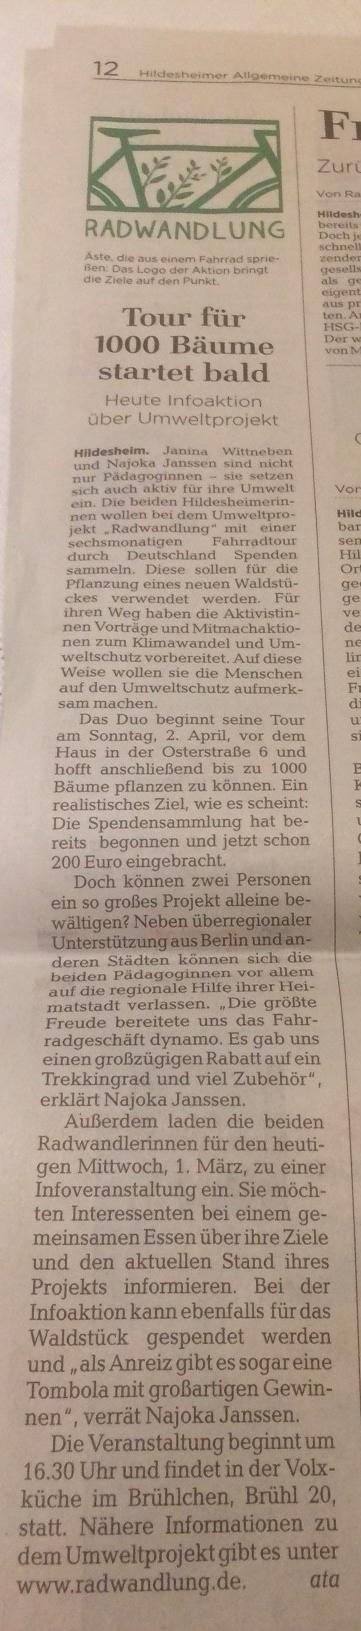 aus der Hildesheimer Allgemeinen Zeitung vom 1. März 2017